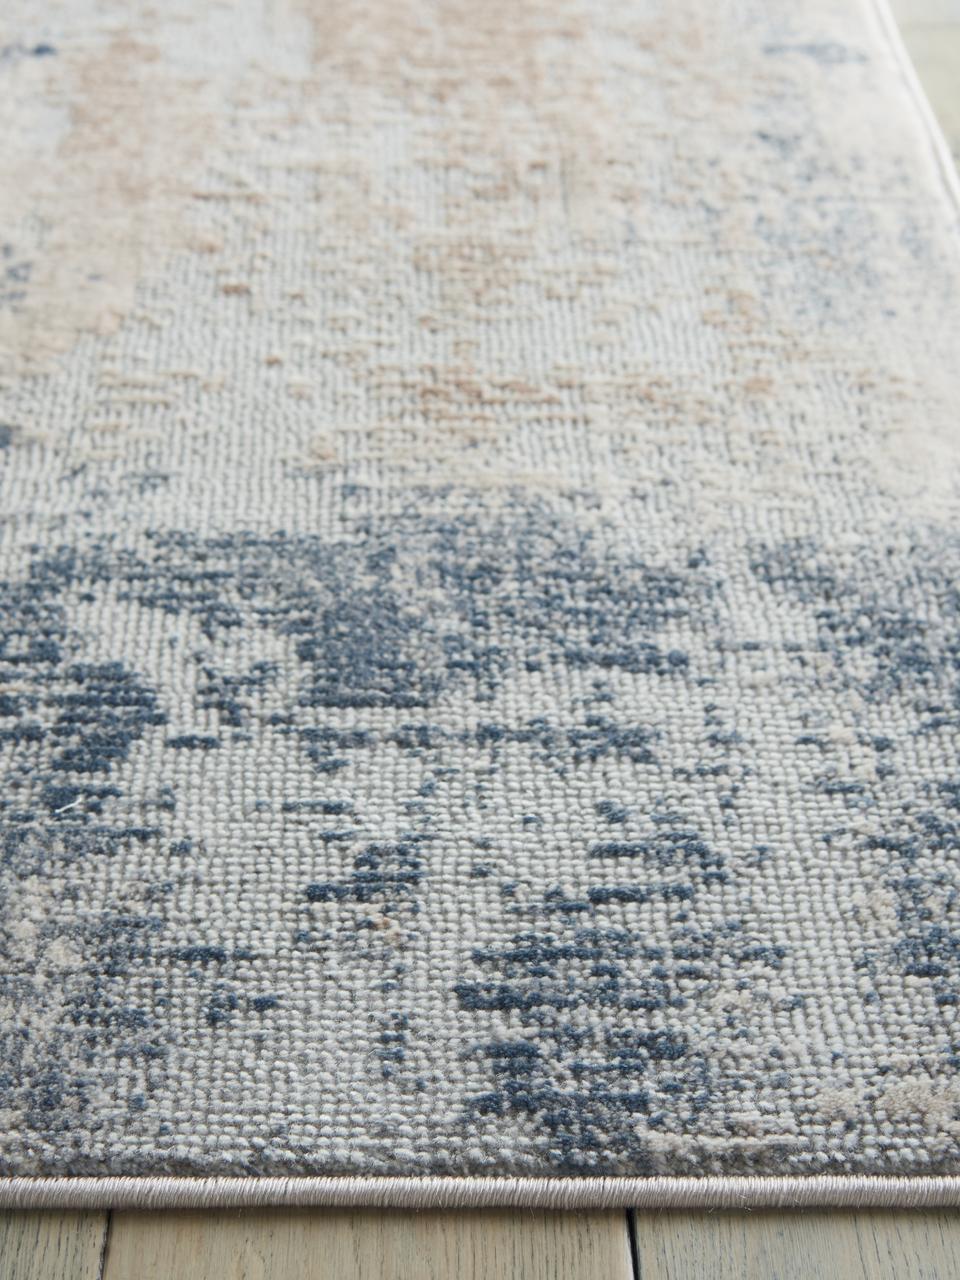 Dywan z wypukłym wzorem Rustic Textures II, Odcienie beżowego, szary, S 160 x D 220 cm  (Rozmiar M)